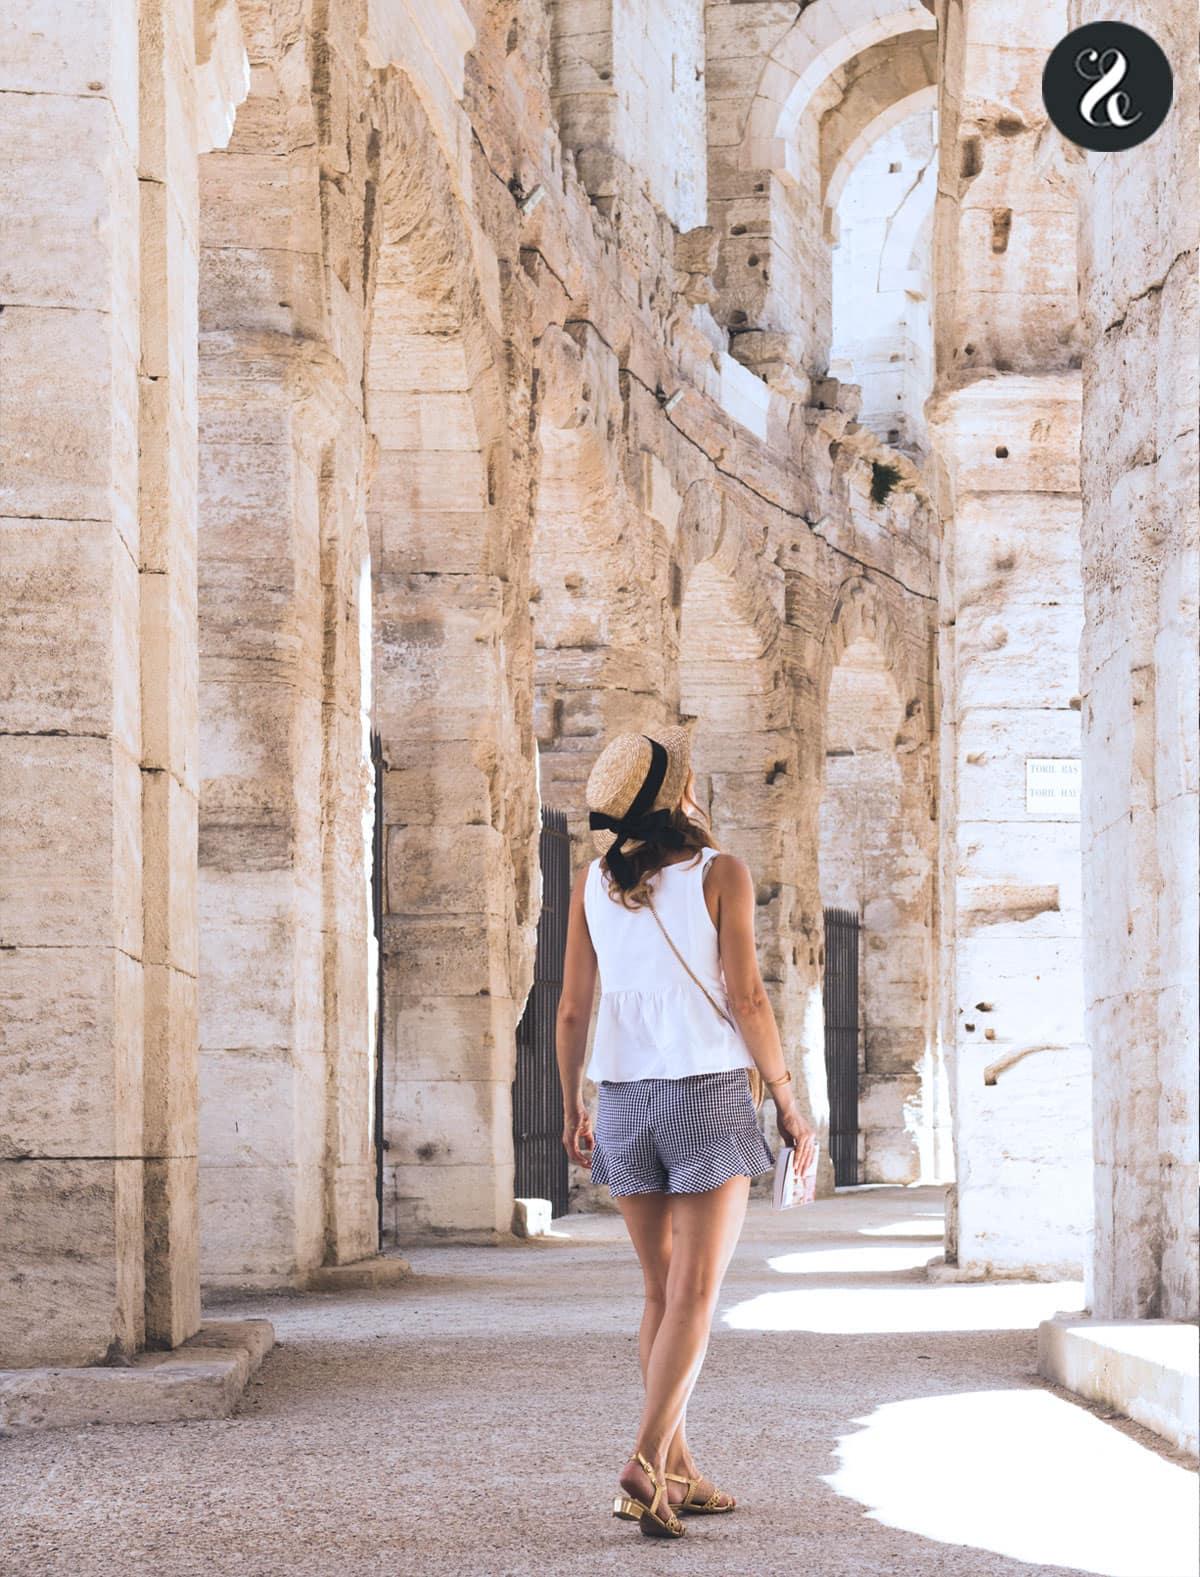 Guía de viaje La Provenza - Costa Azul - Circo Romano de Arles